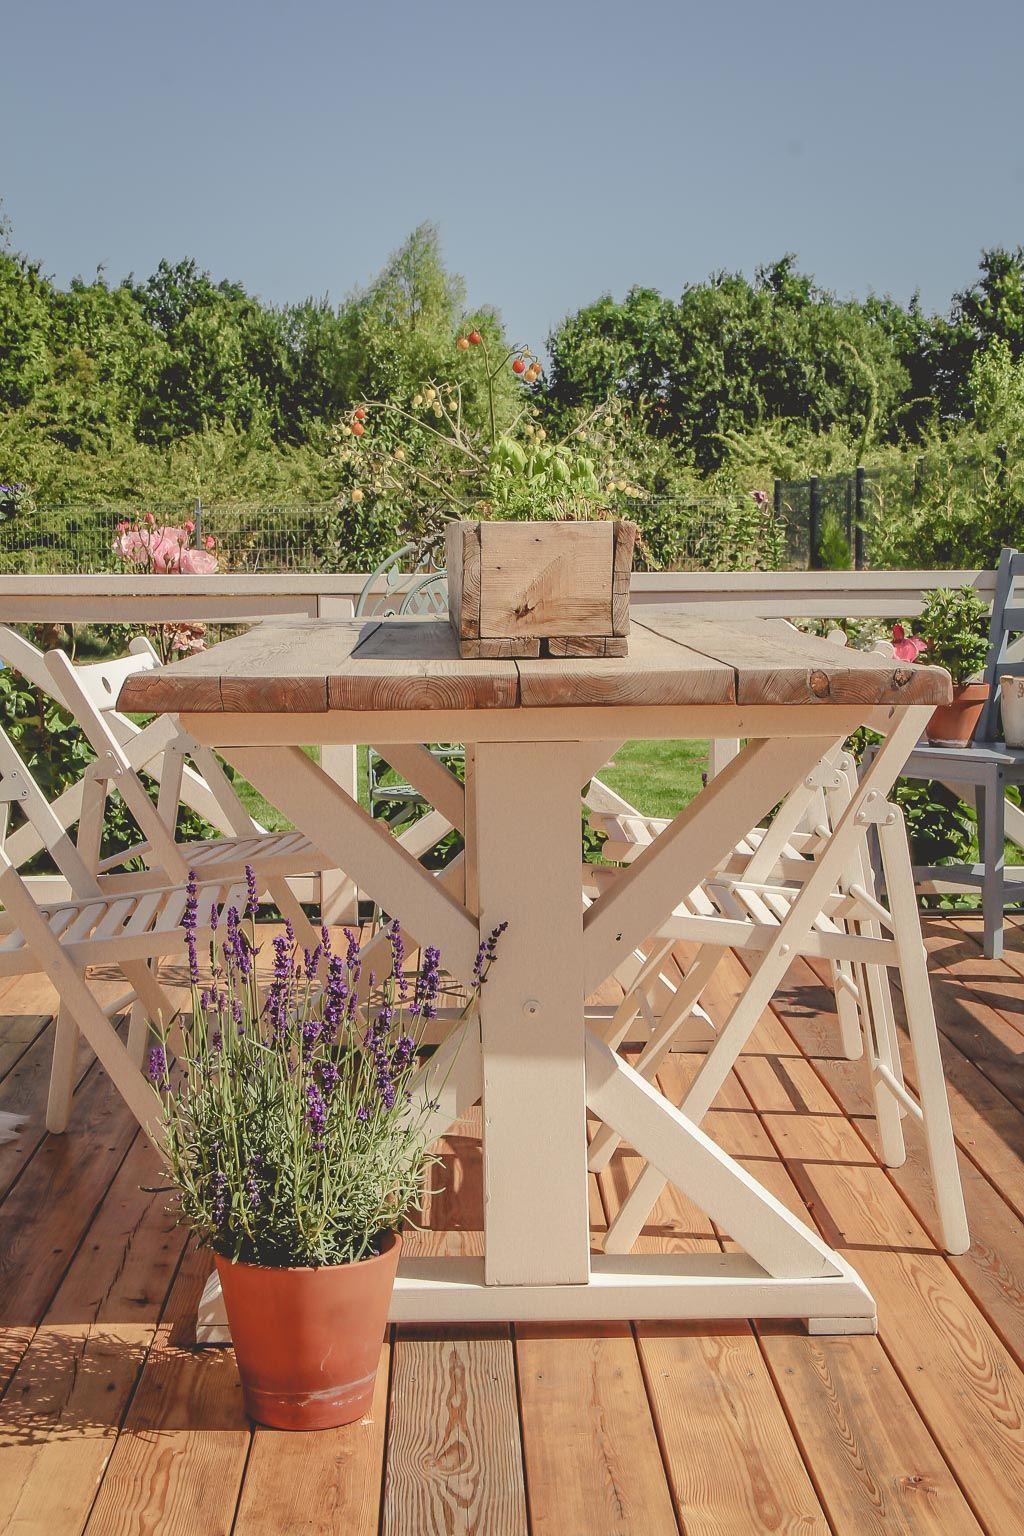 Rosliny Idealne Dla Poczatkujacych Ogrodnikow Sierpien W Ogrodzie Home On The Hill Blog Lifestylowy Wnetrza Inspiracje Kuchnia Diy Plants Garden